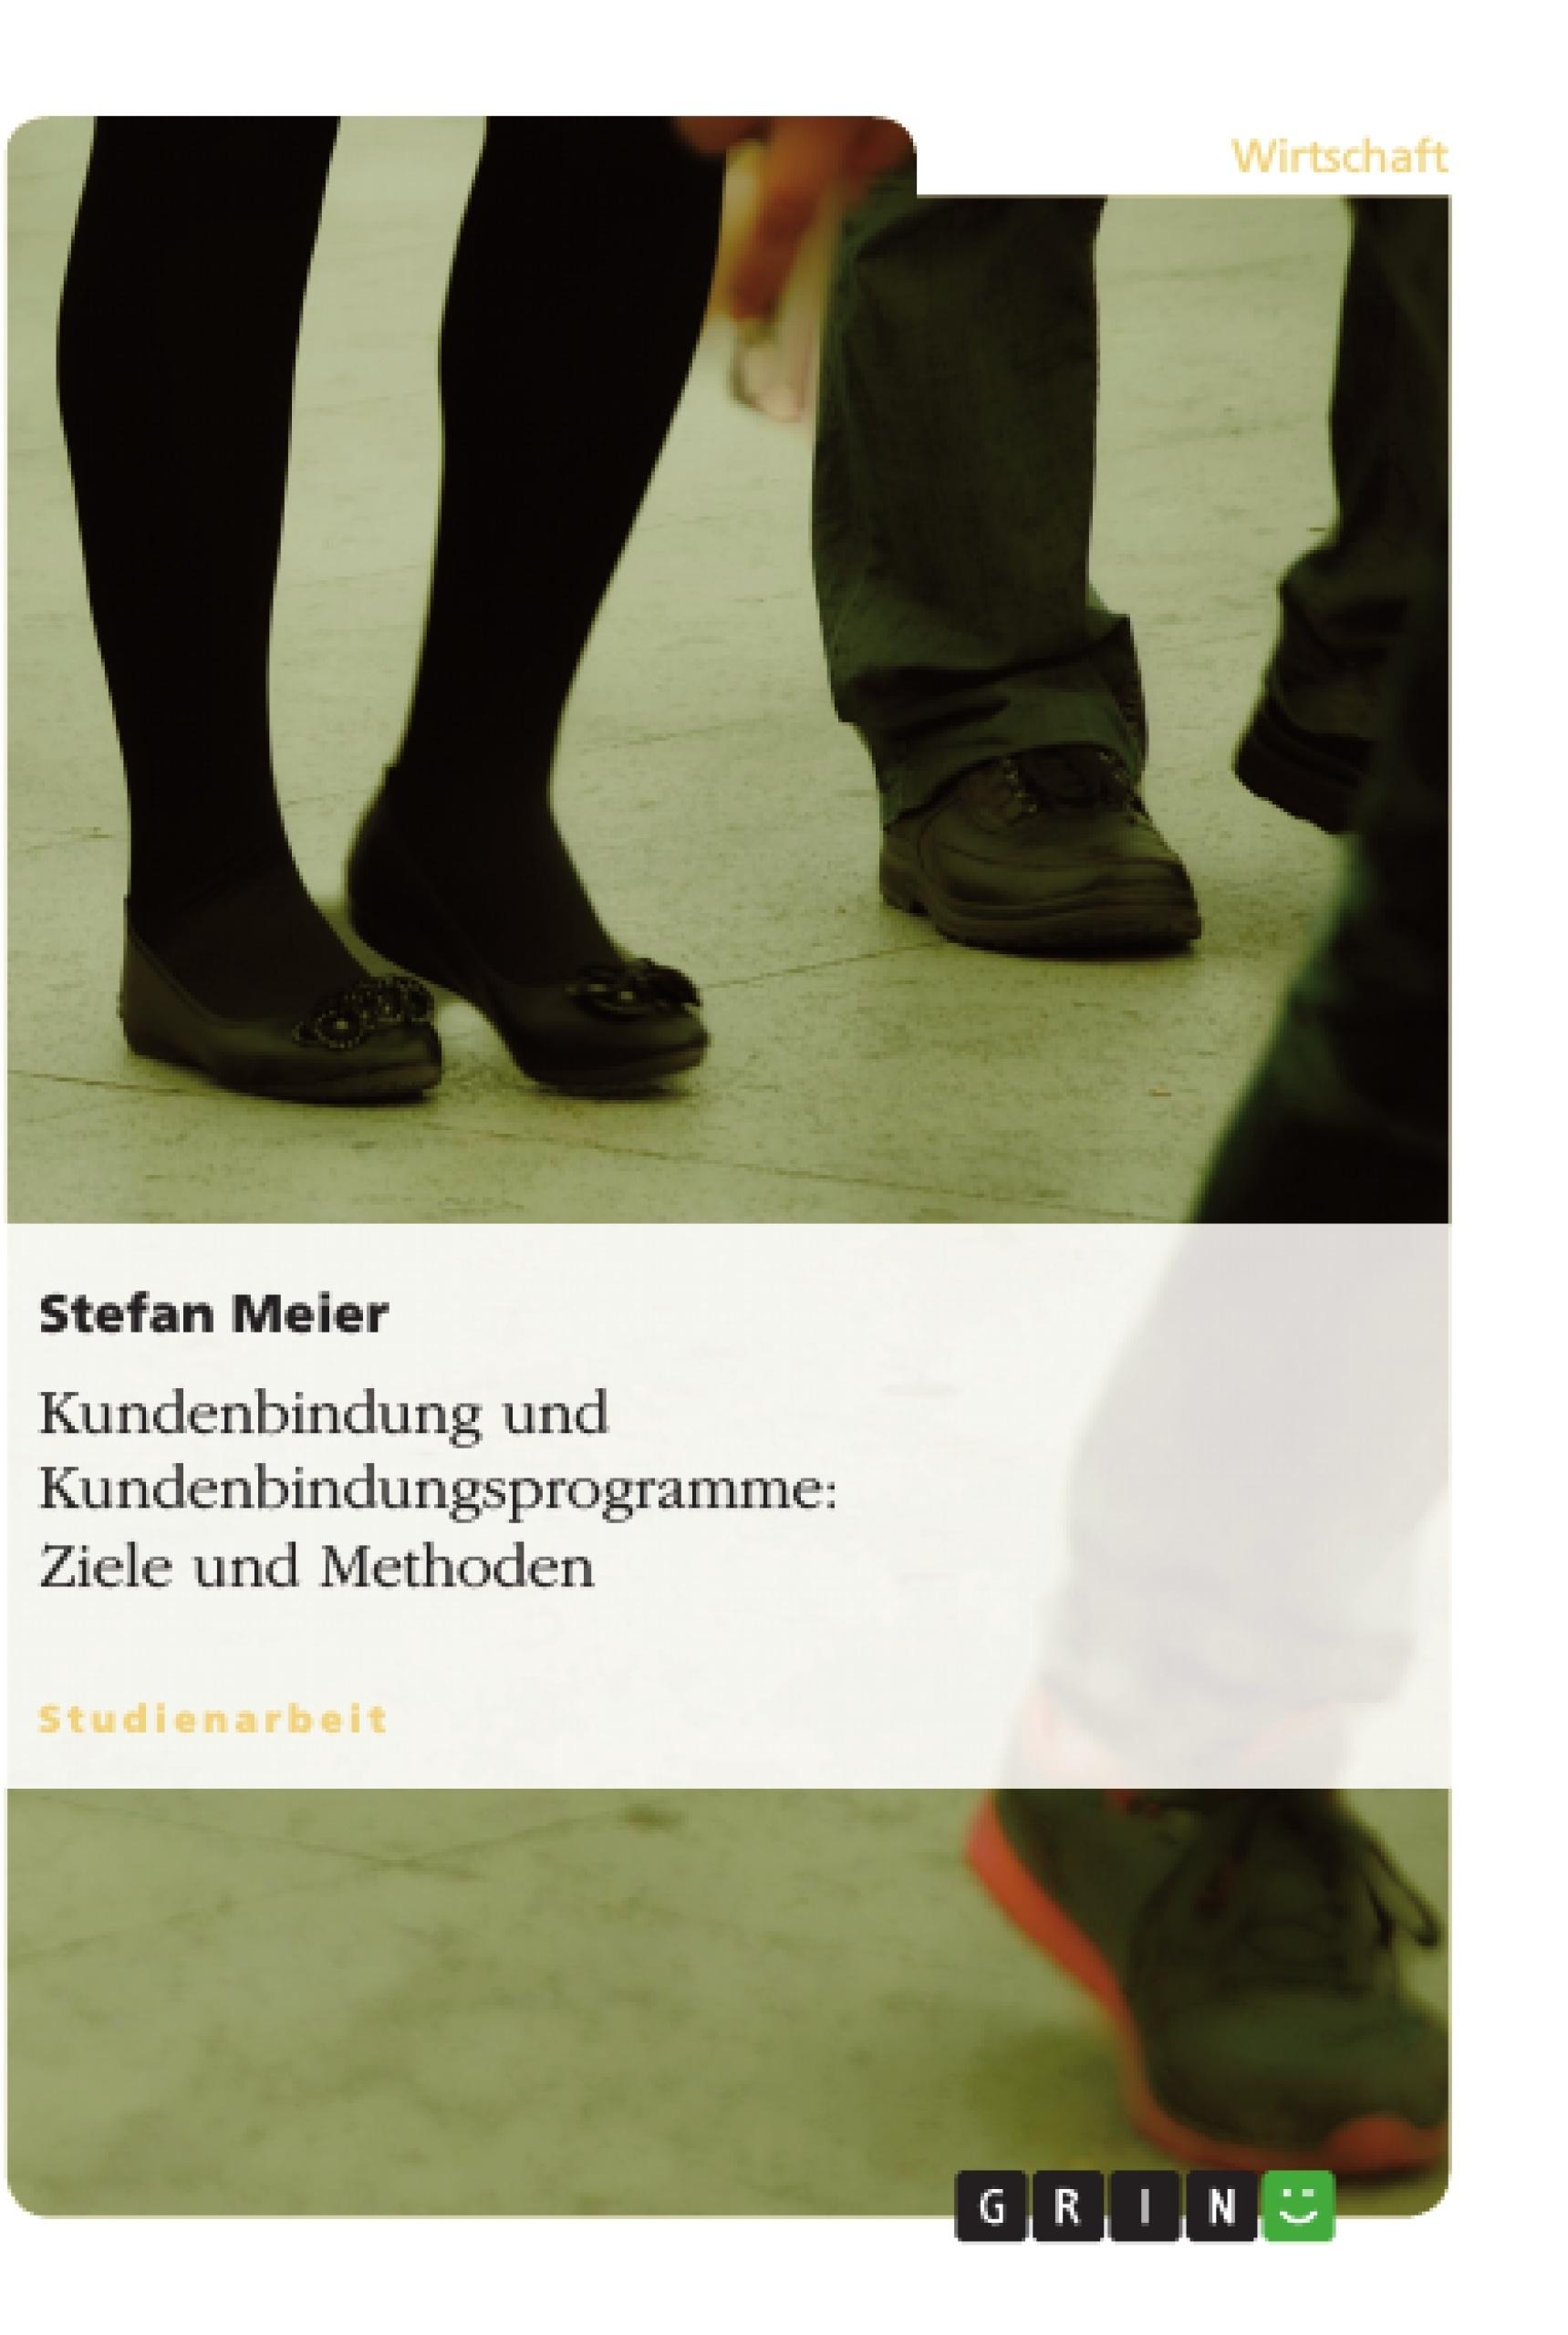 Titel: Kundenbindung und Kundenbindungsprogramme: Ziele und Methoden